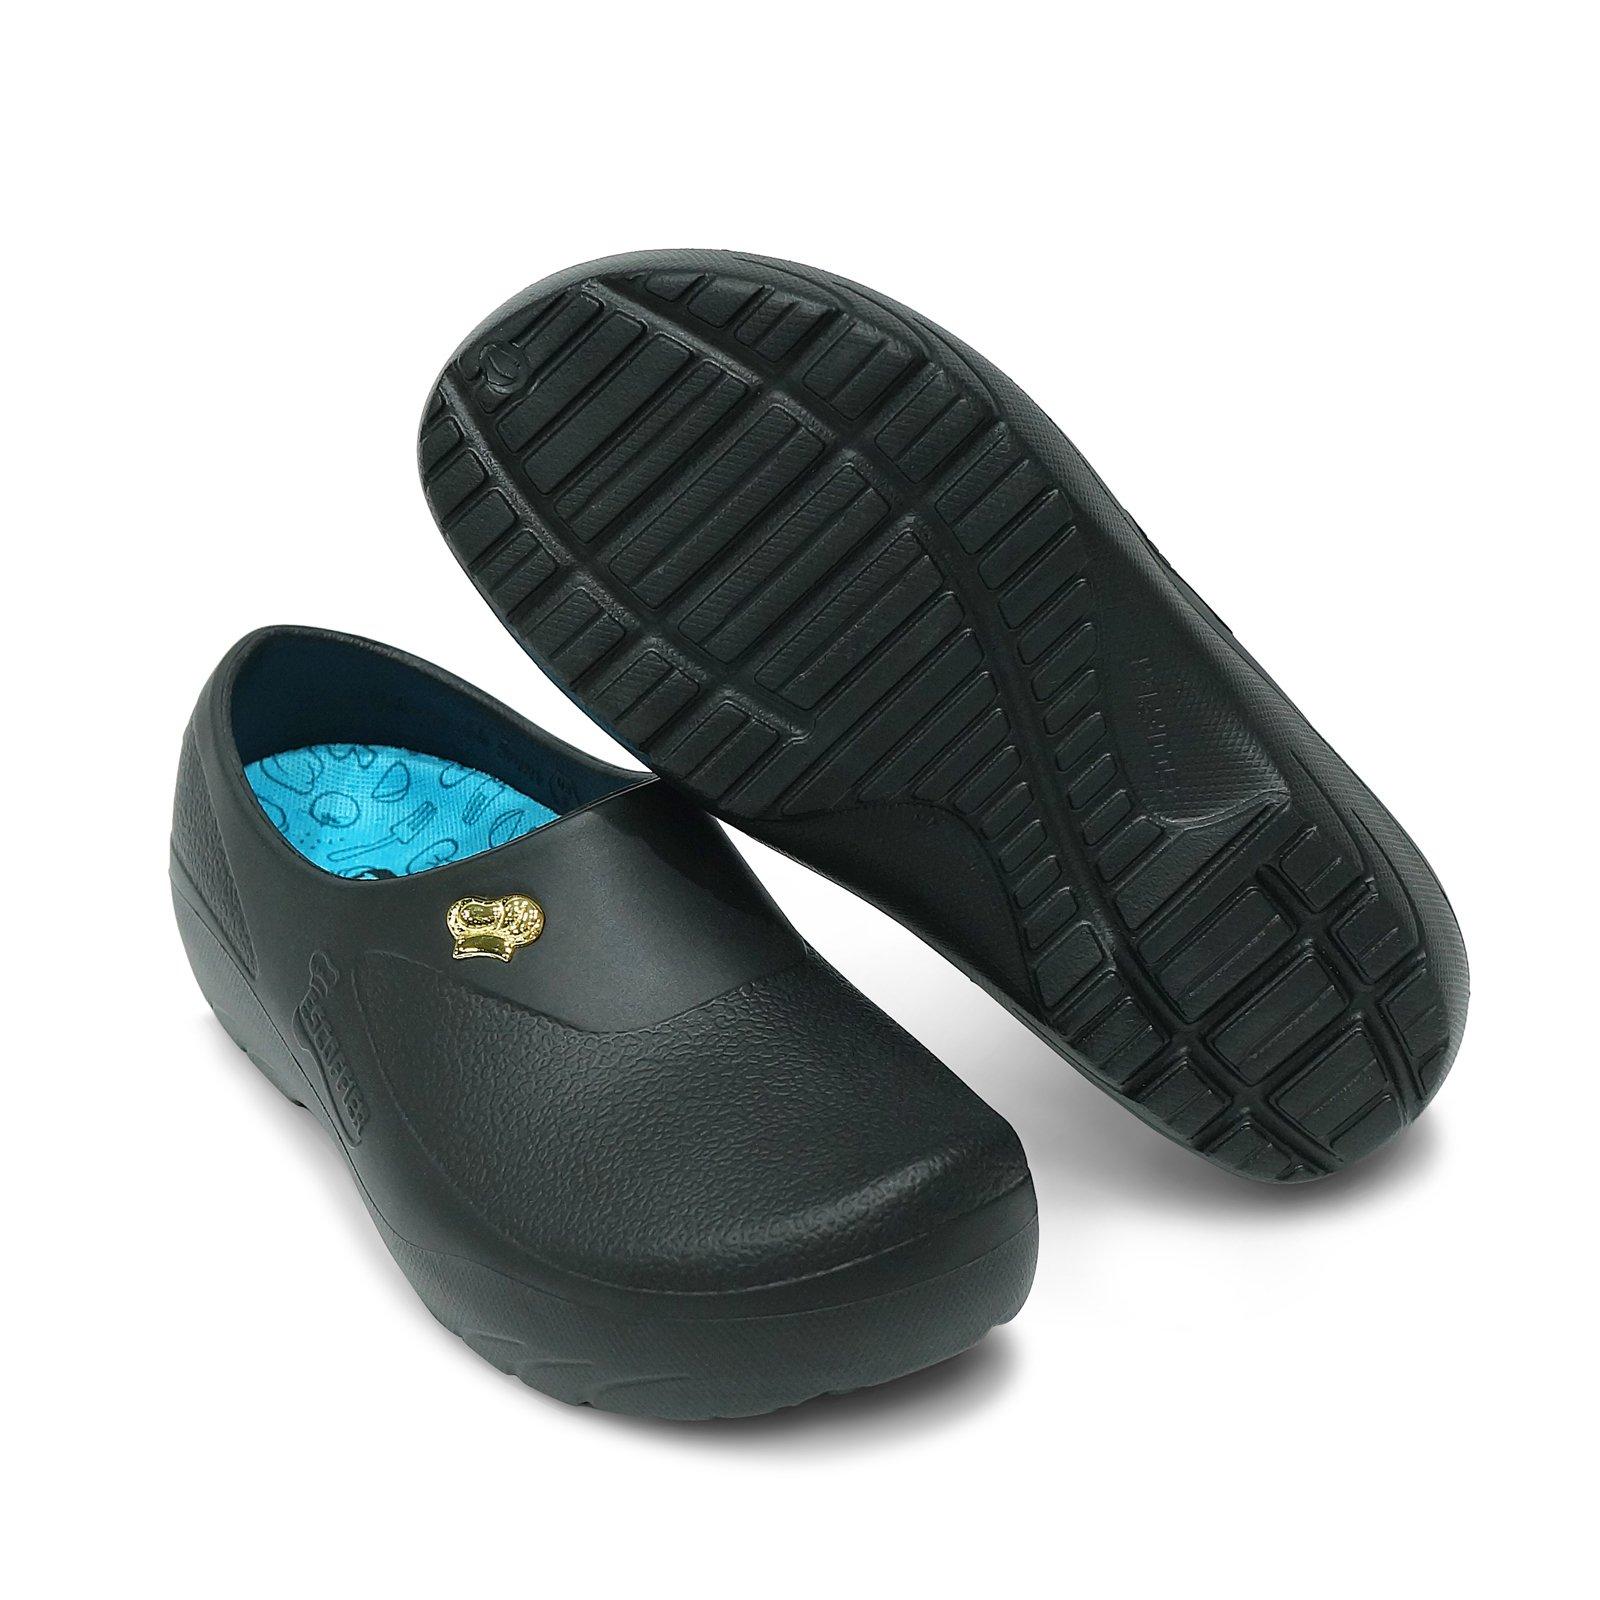 ESCOFFIER Waterproof Kitchen Chef Nurse Clog - Work Mule Shoes for Men Women (SMT-15) (US10, Black) by ESCOFFIER